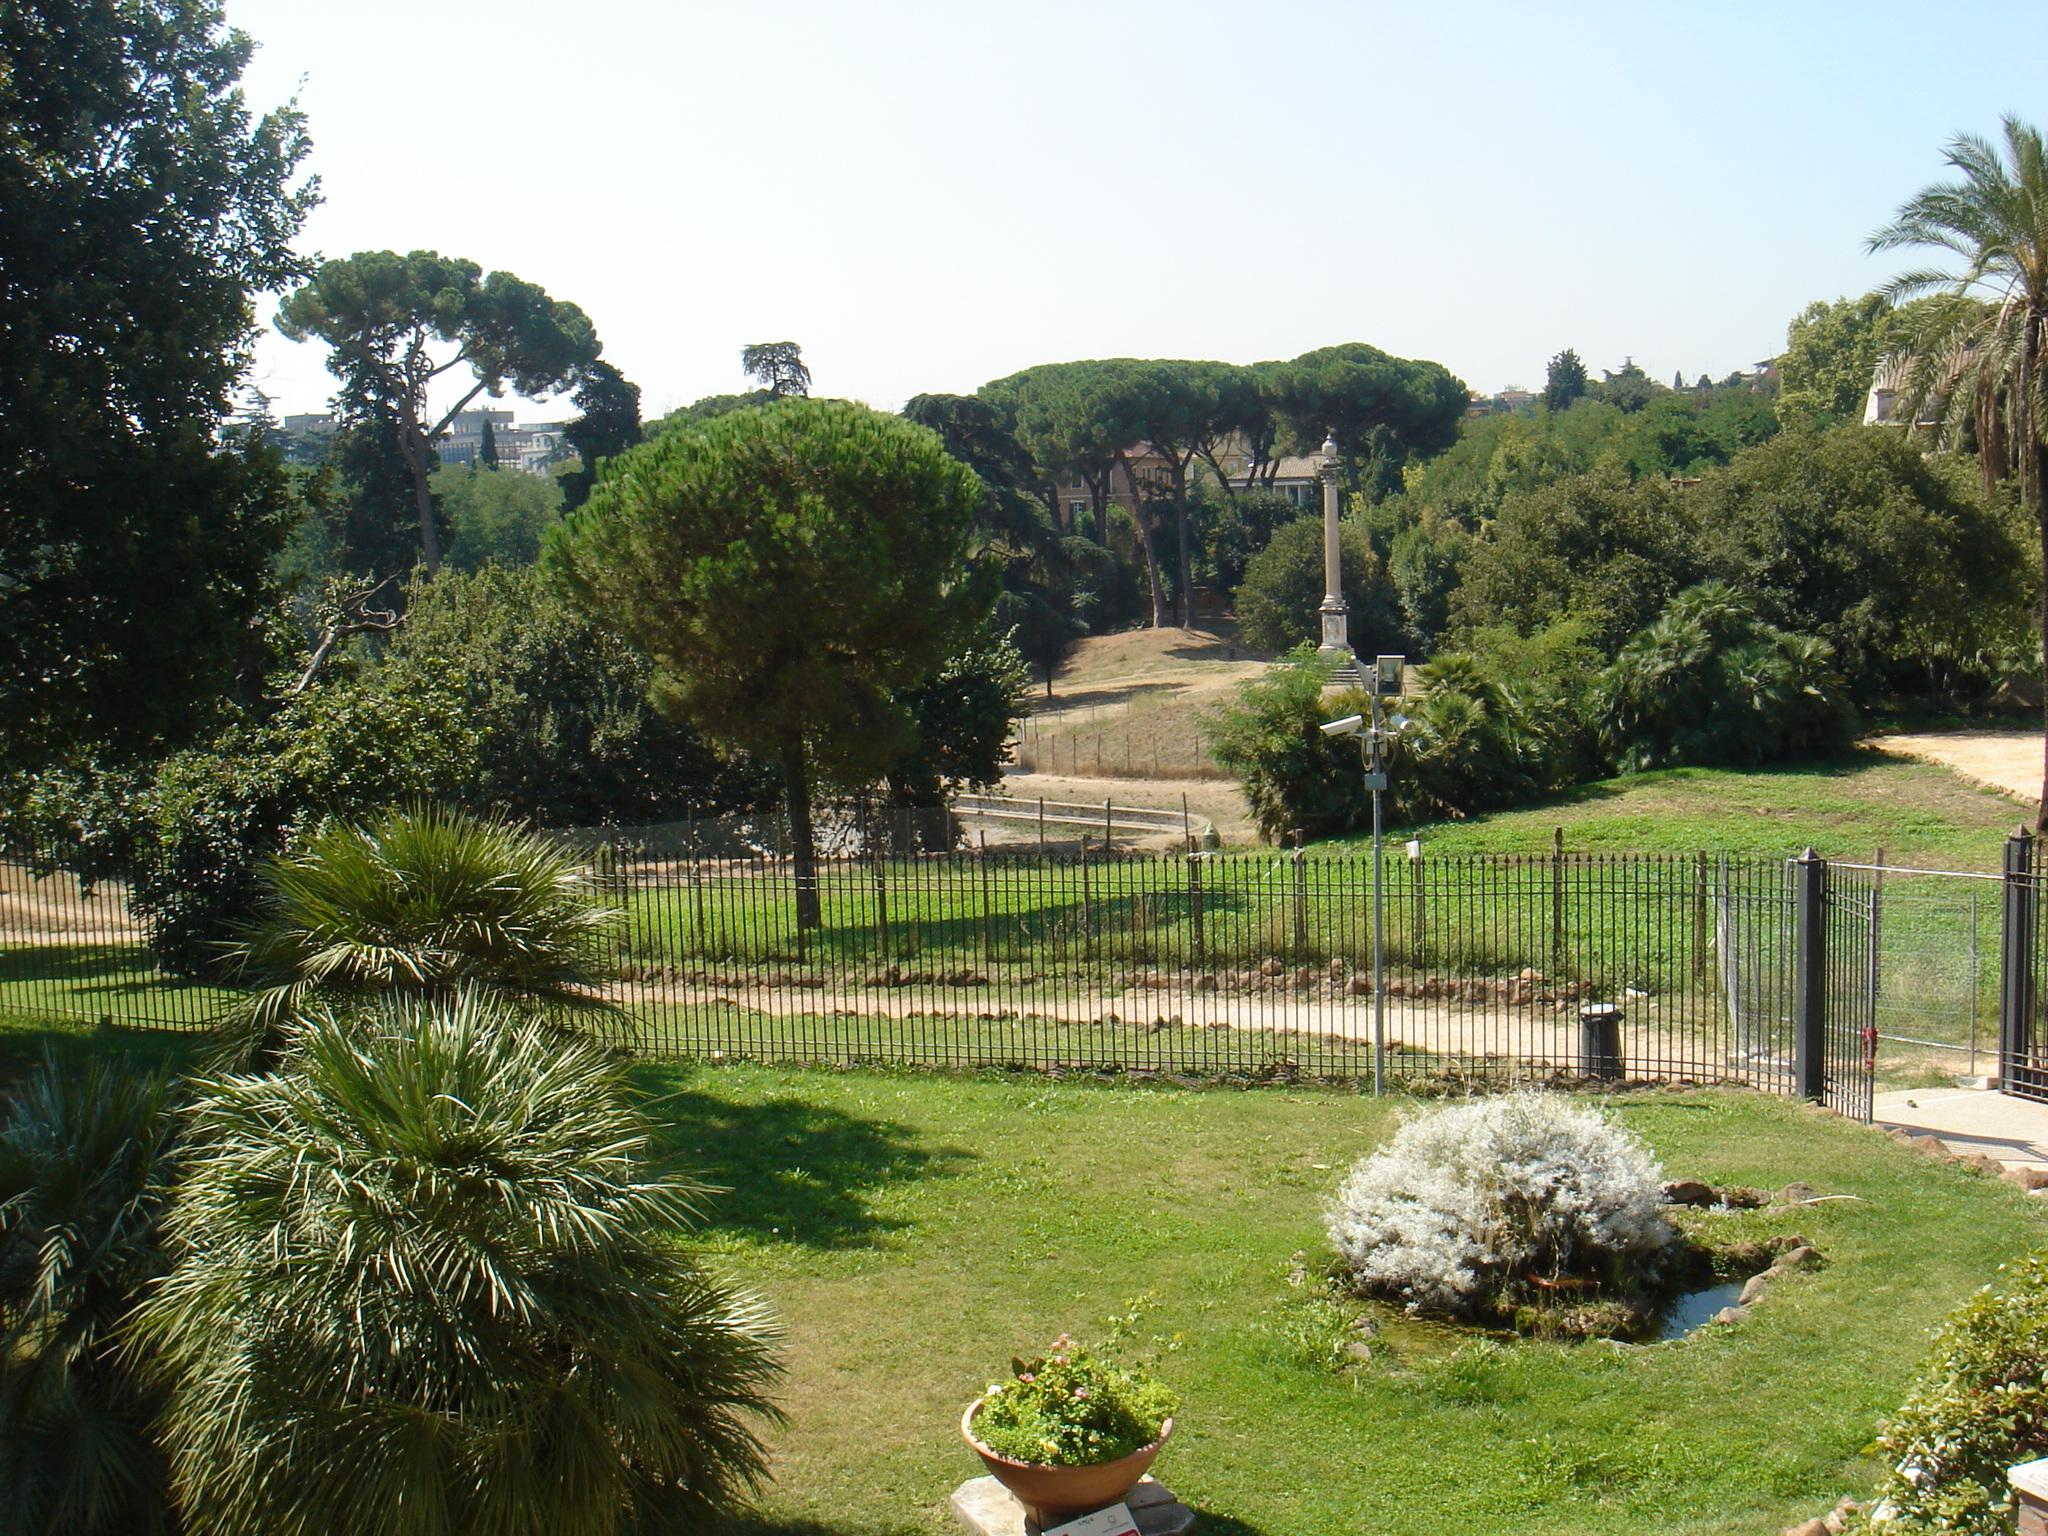 villa-torlonia-casina-delle-civette-giardino-01296